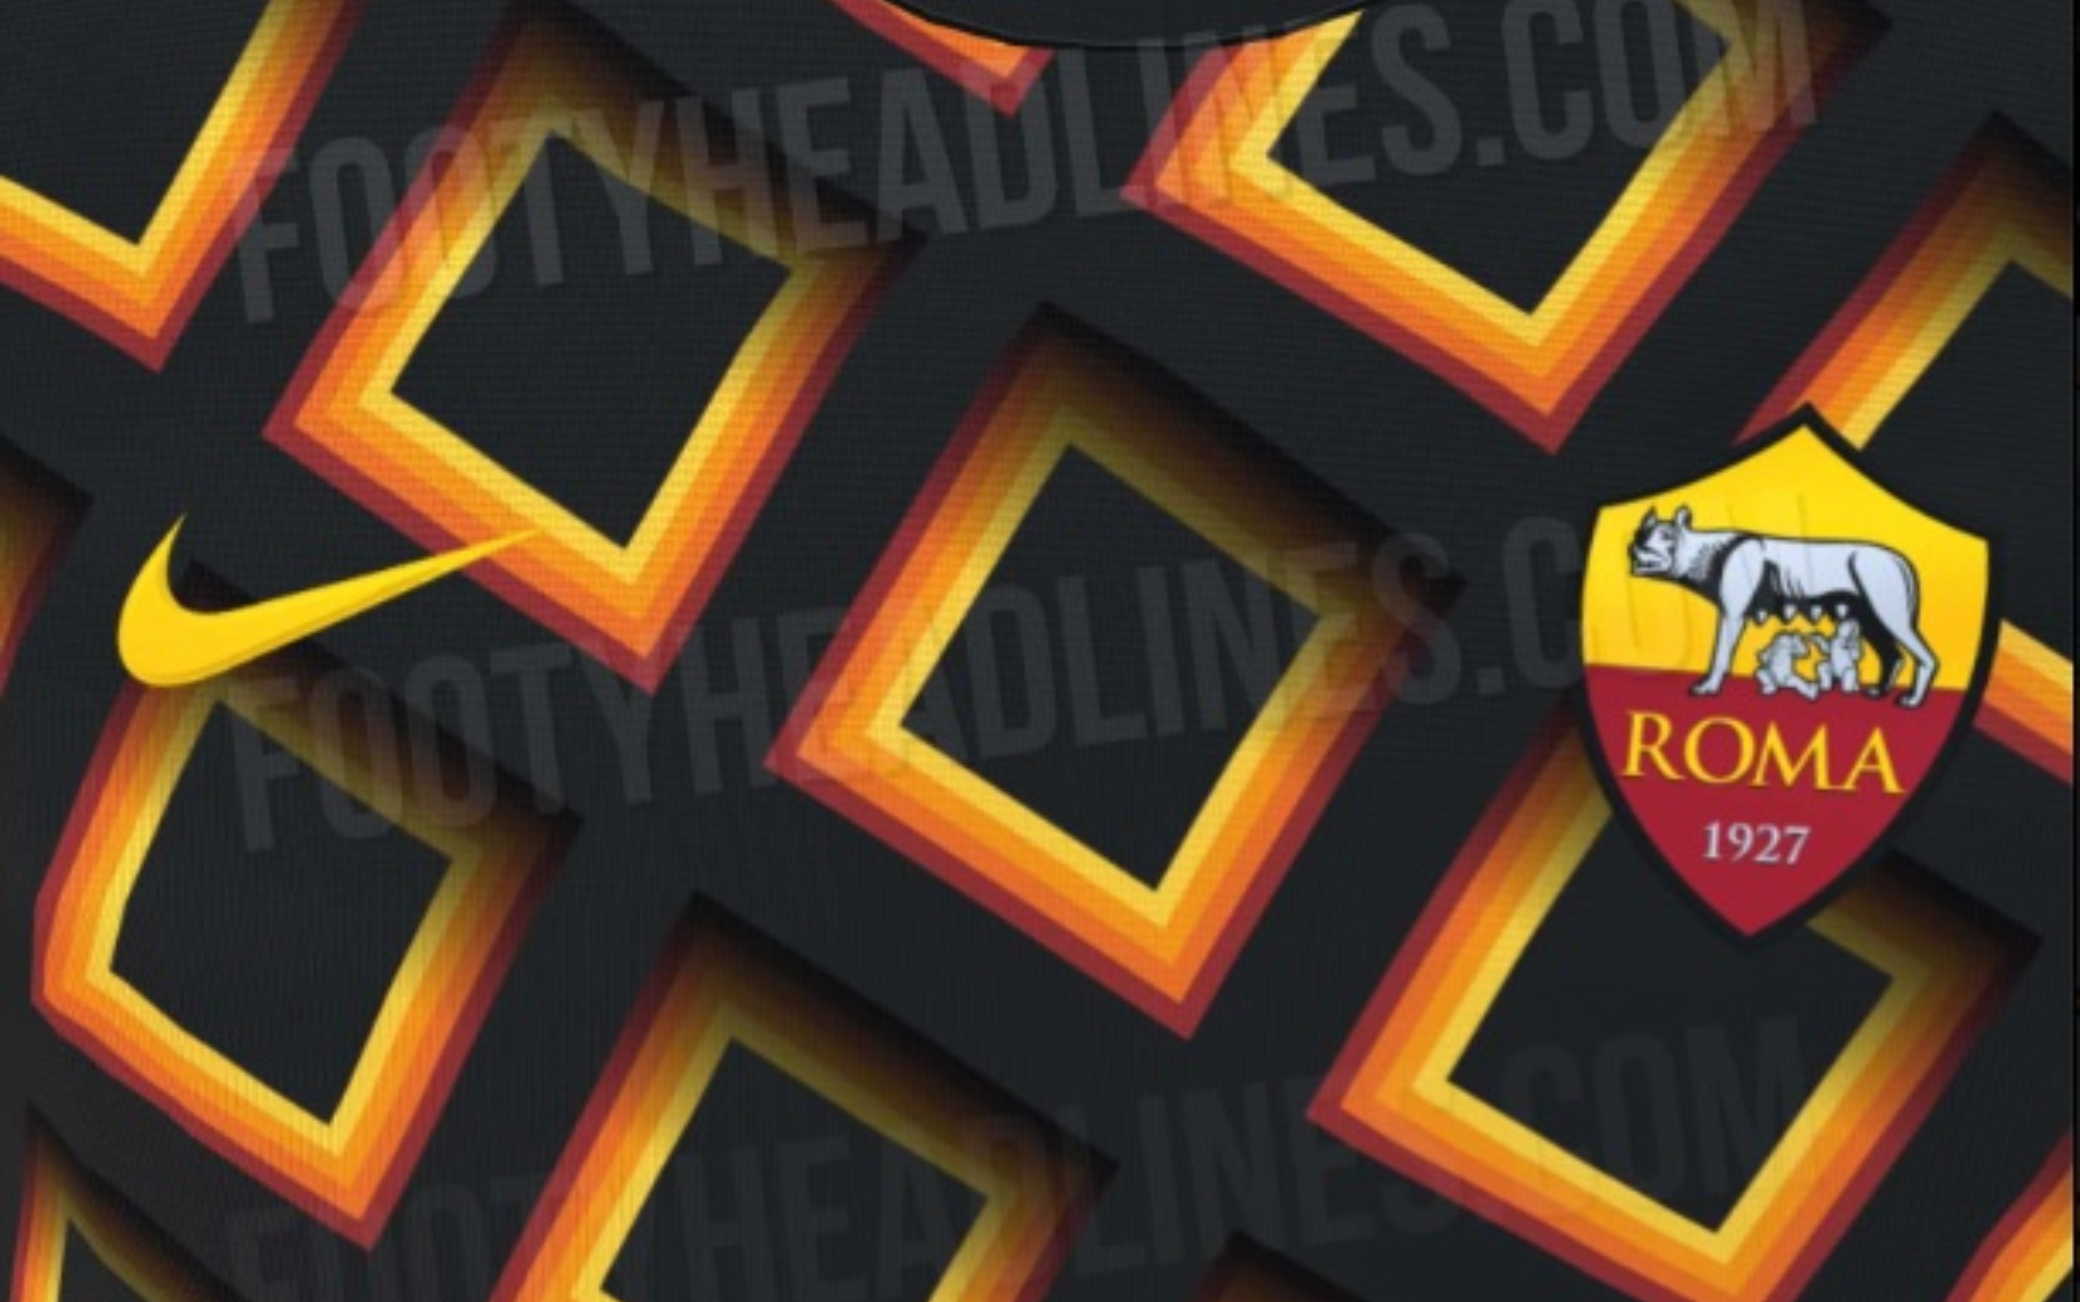 Indipendentemente Fai un esperimento regione  Roma, la nuova maglia pre partita 2020 2021: le anticipazioni | Sky Sport